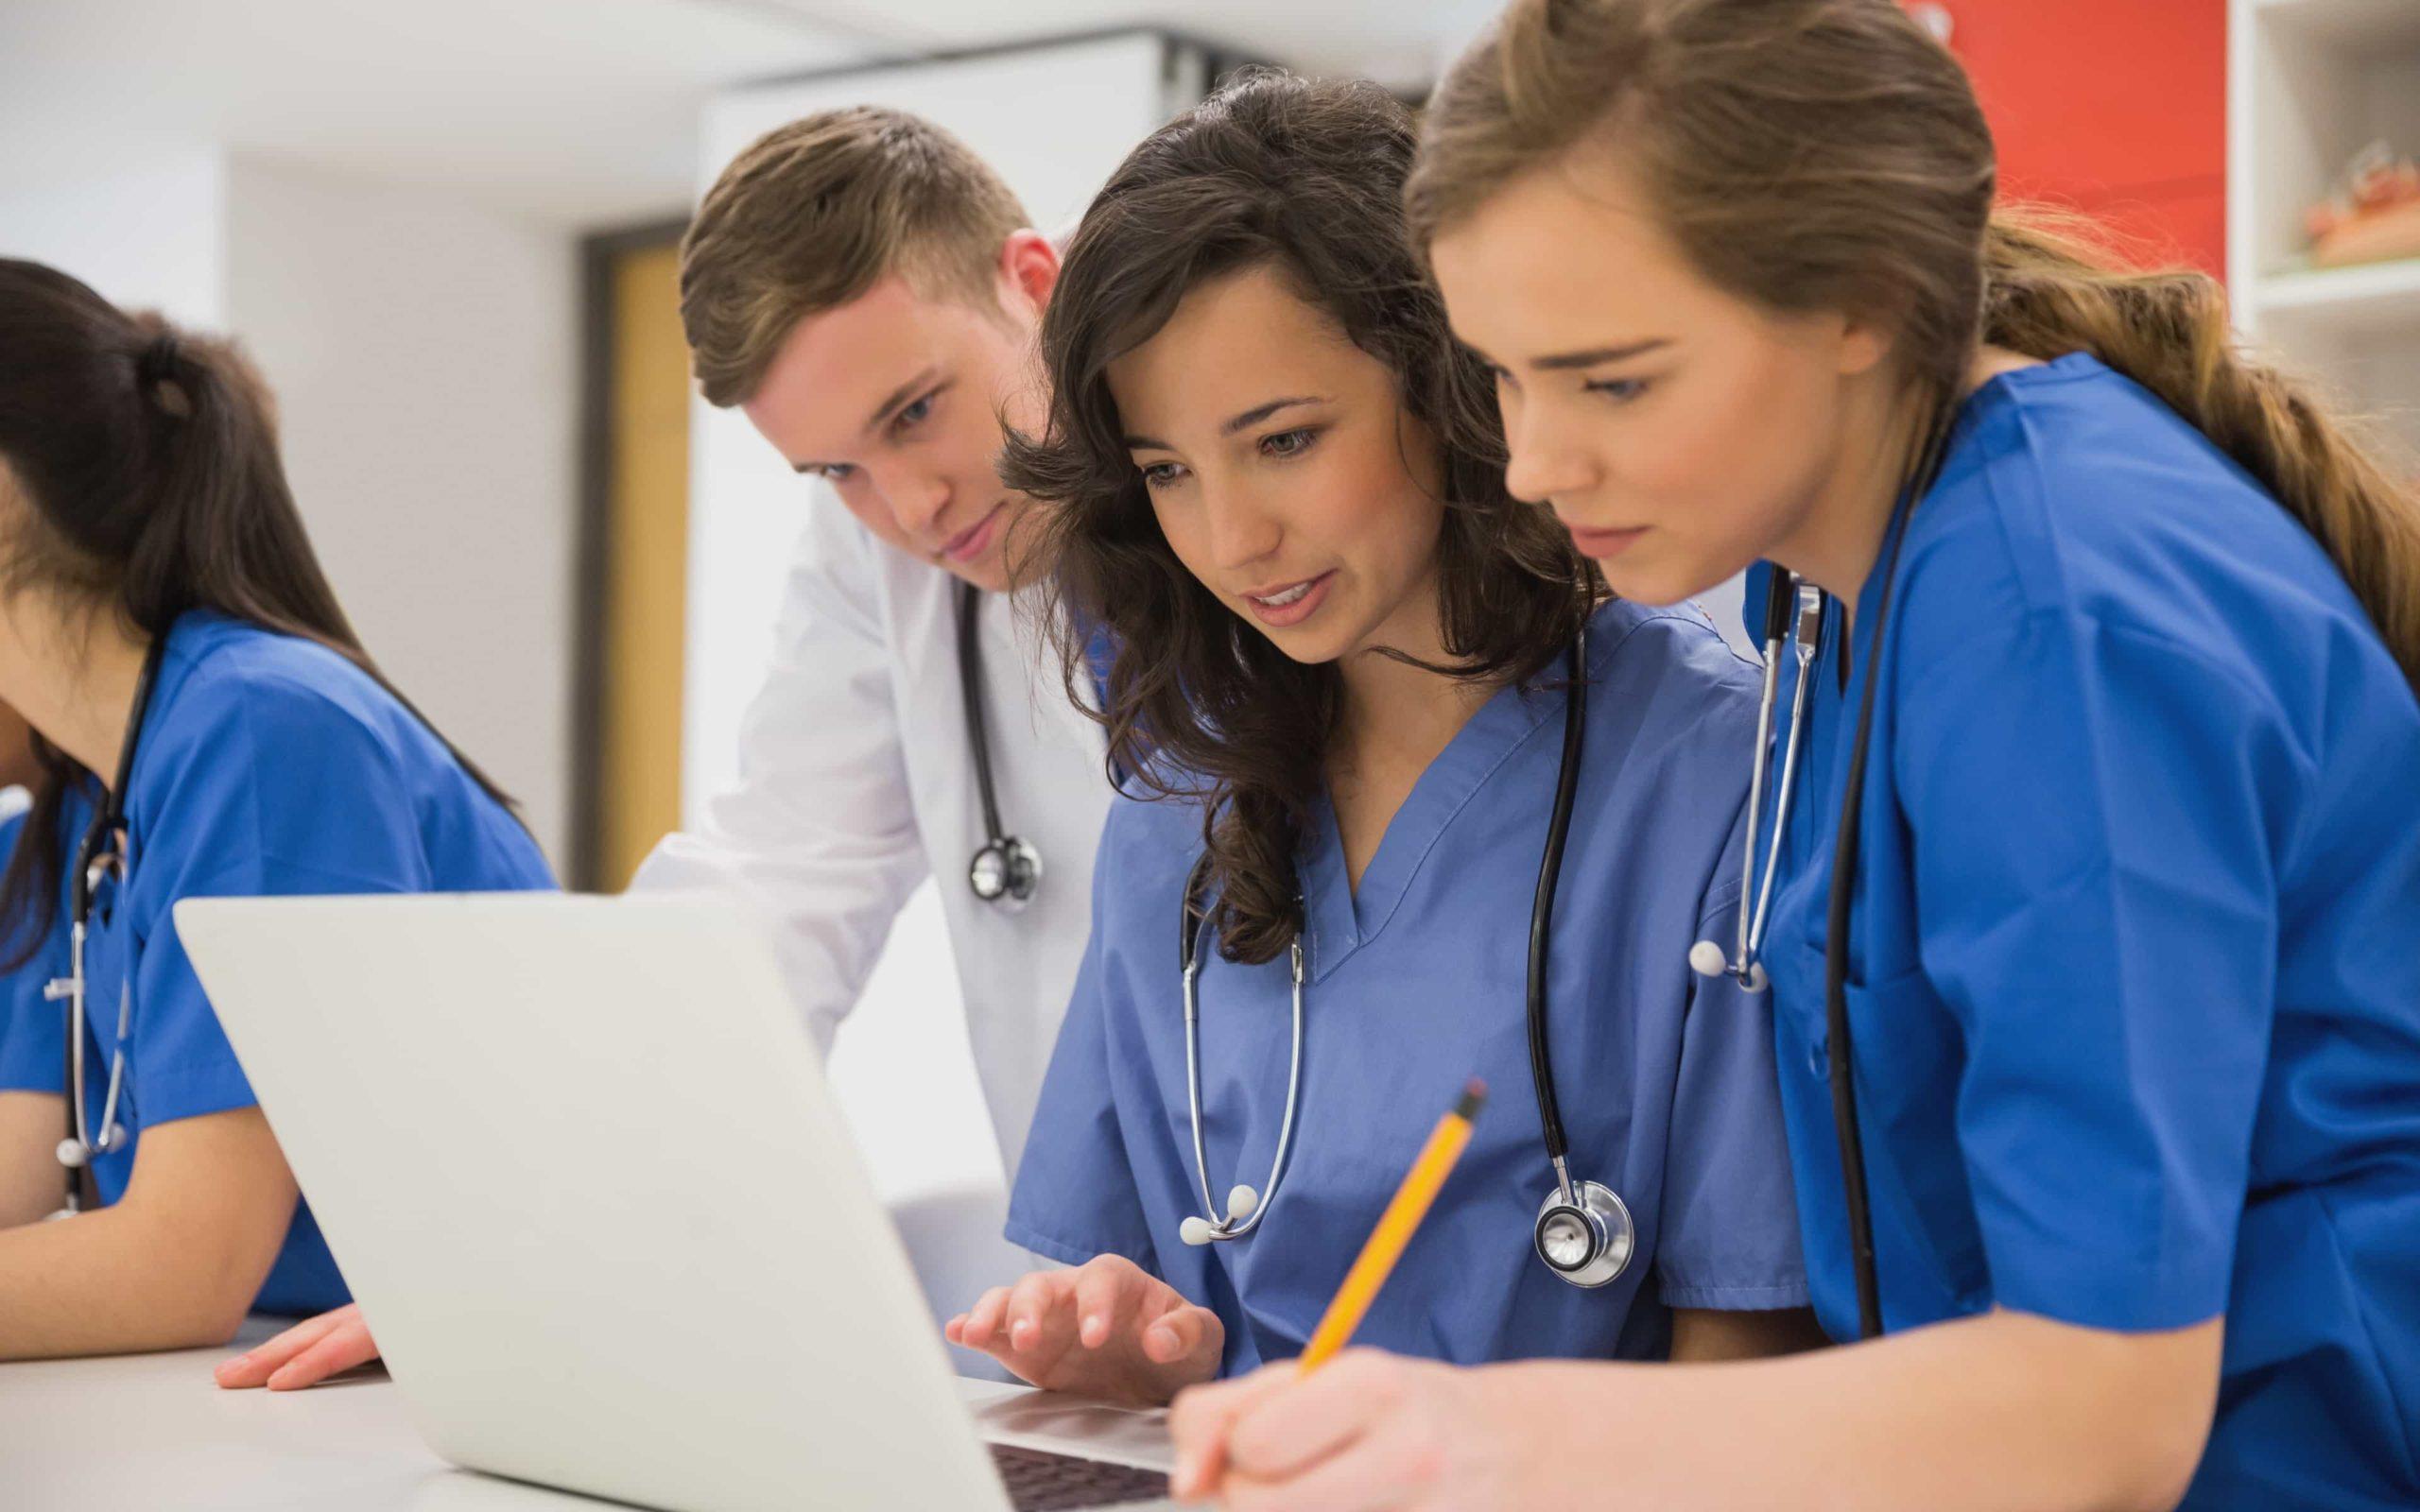 Перспективы медицинского обучения